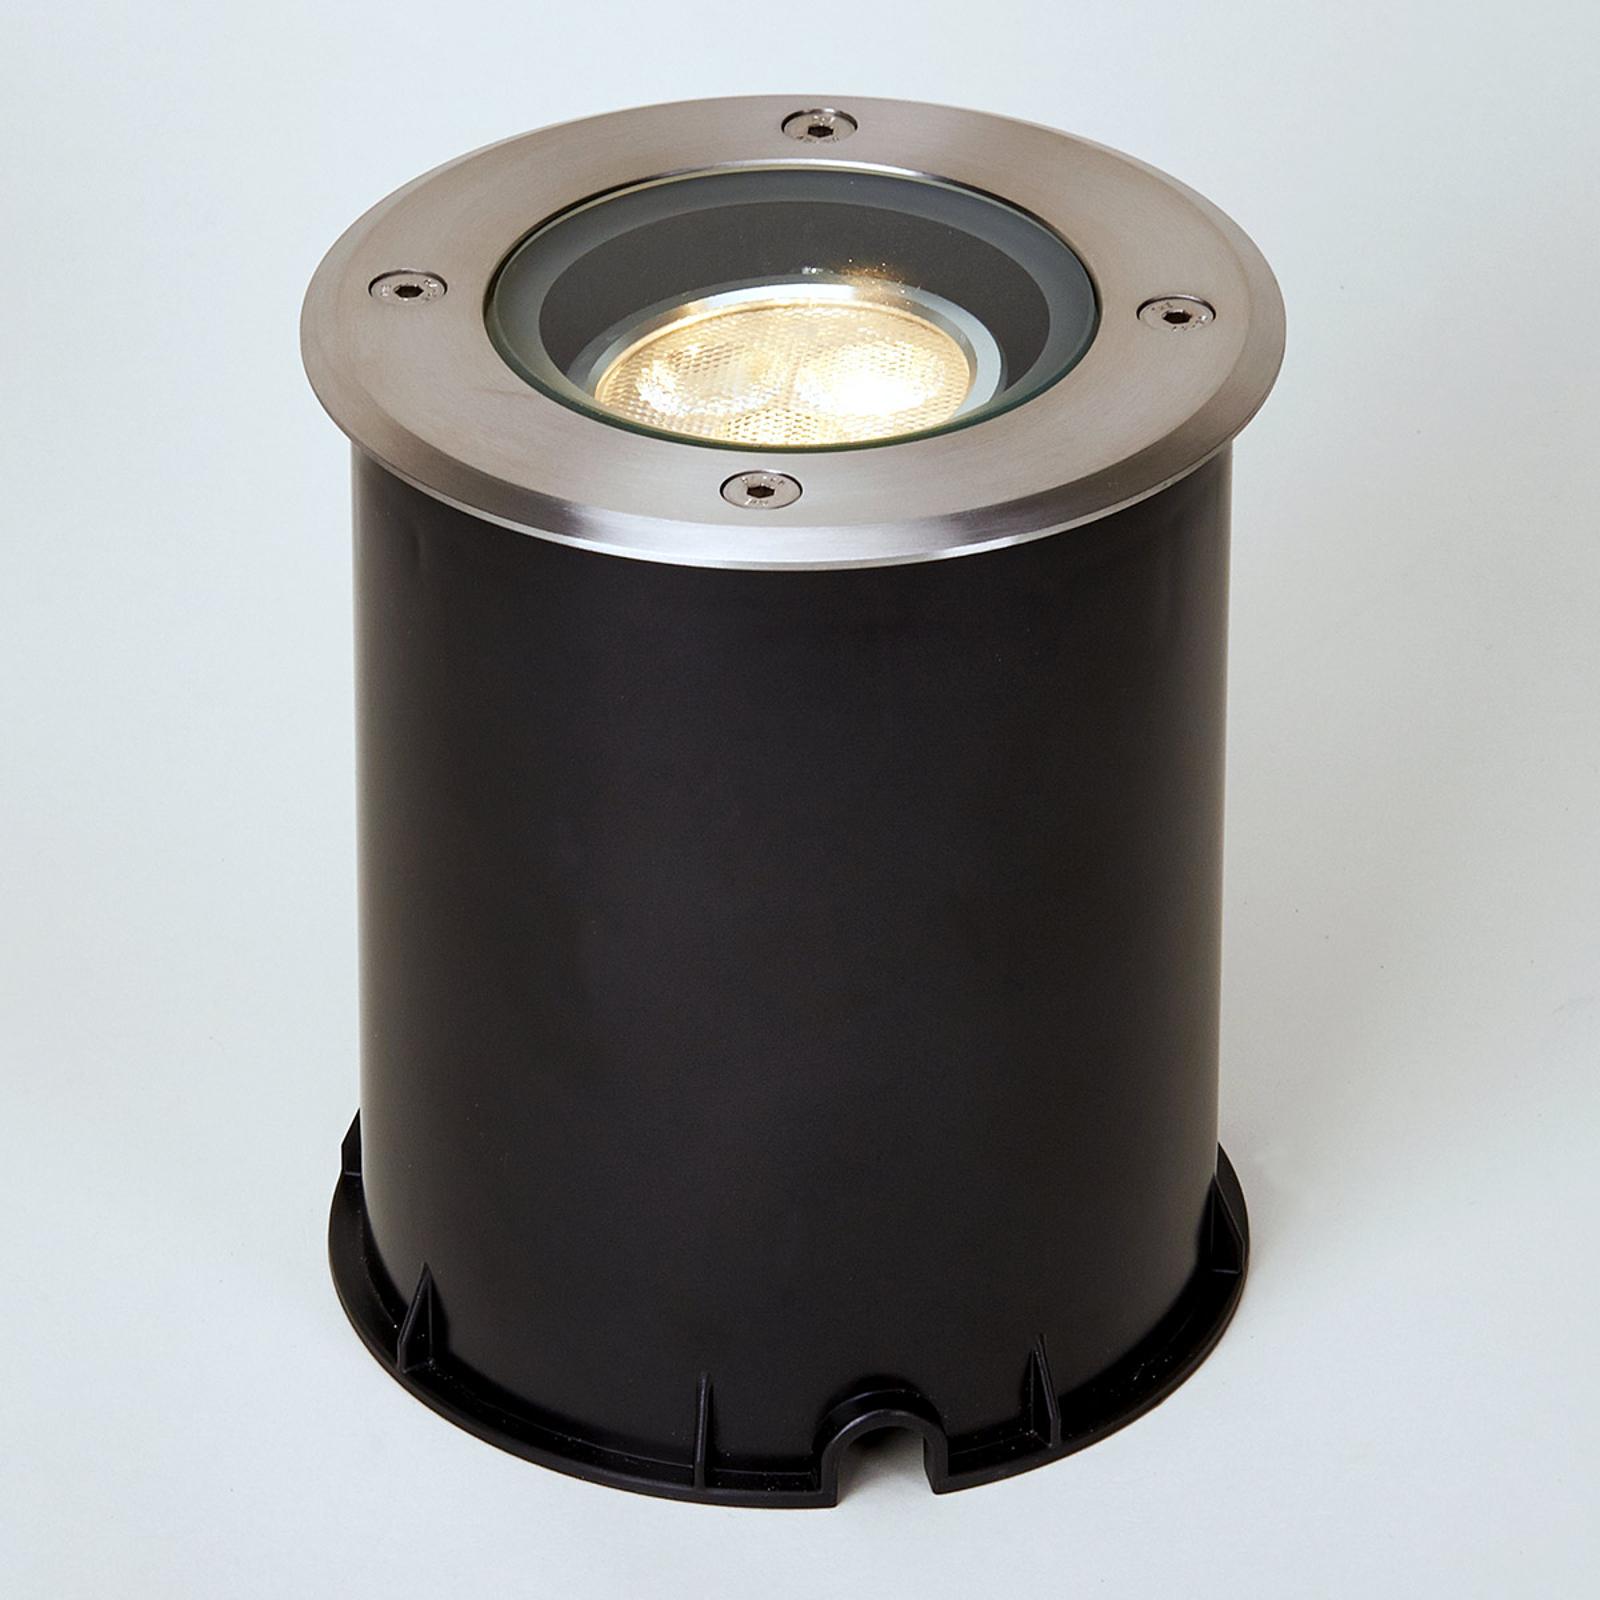 Lampada a pavimento, LED, oscill., IP67